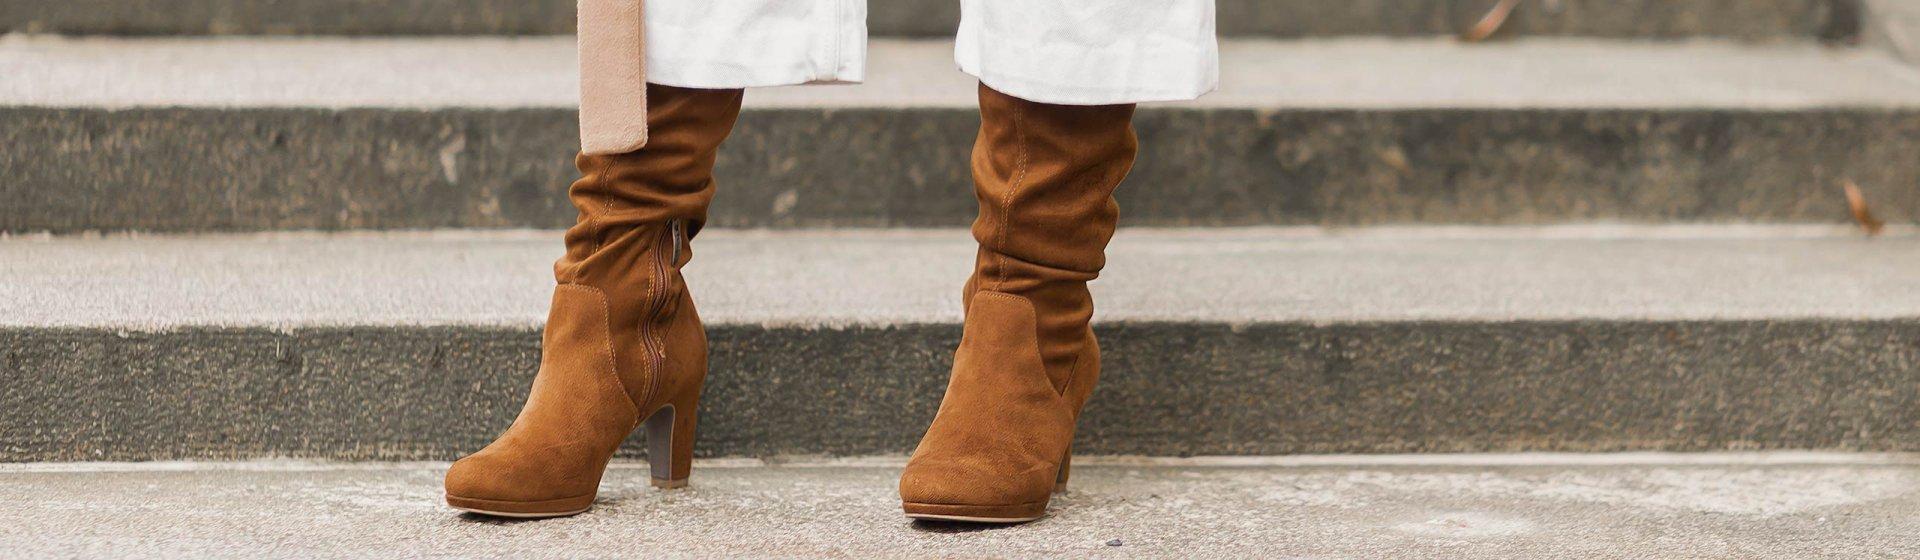 Stiefel in Karamell stylen, Schuhtrend, braune Stiefel, Trendfarbe Braun, Shoelove by Deichmann